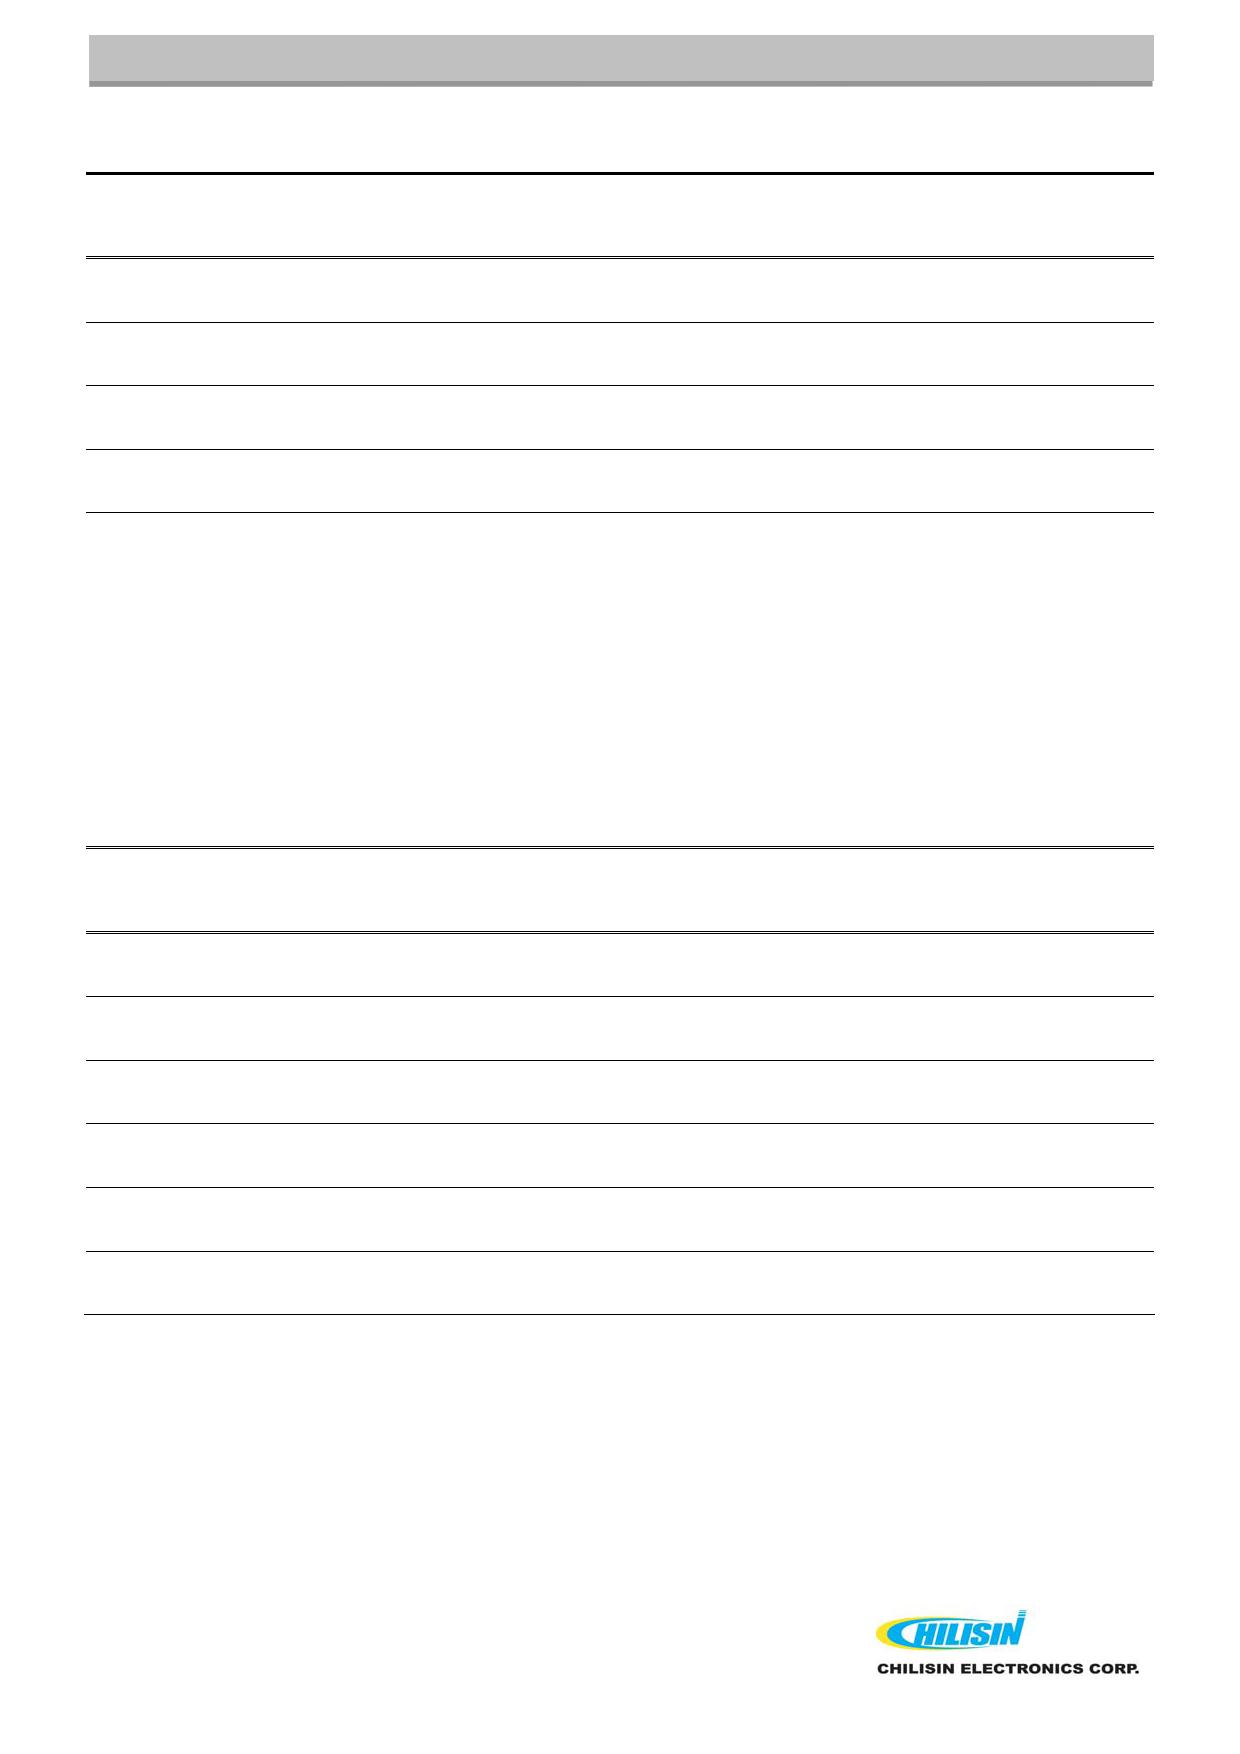 SQC321618 pdf, 반도체, 판매, 대치품